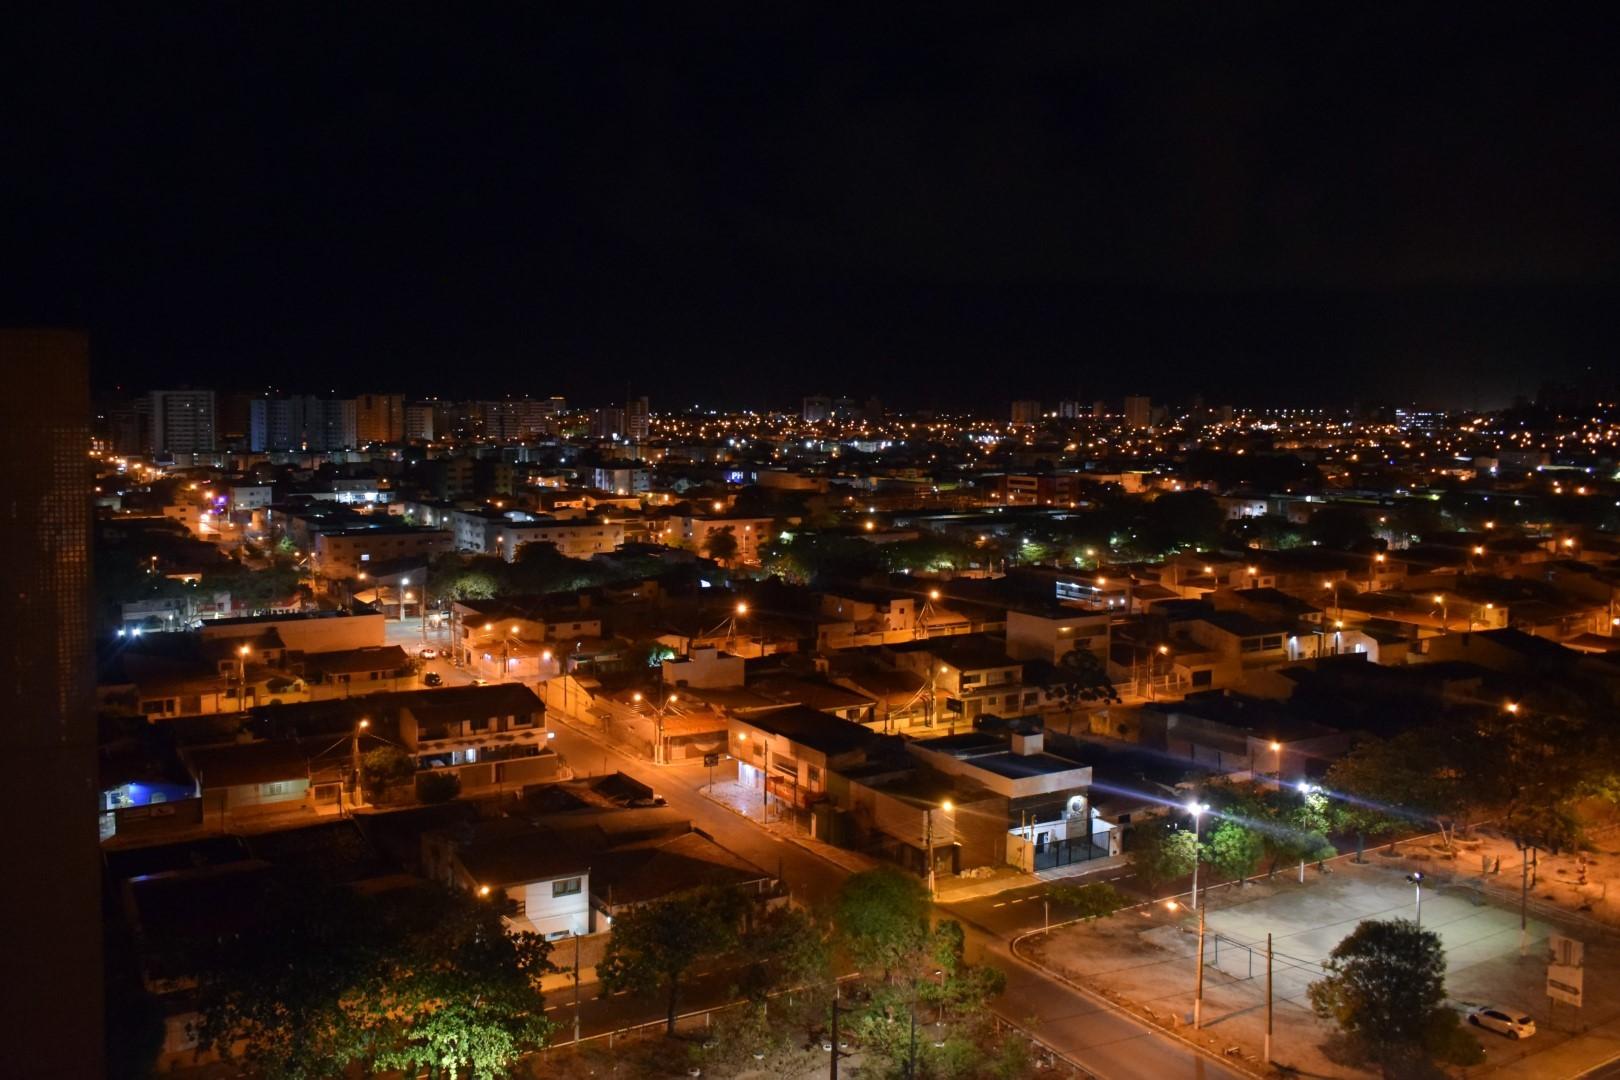 Last night in Maceió